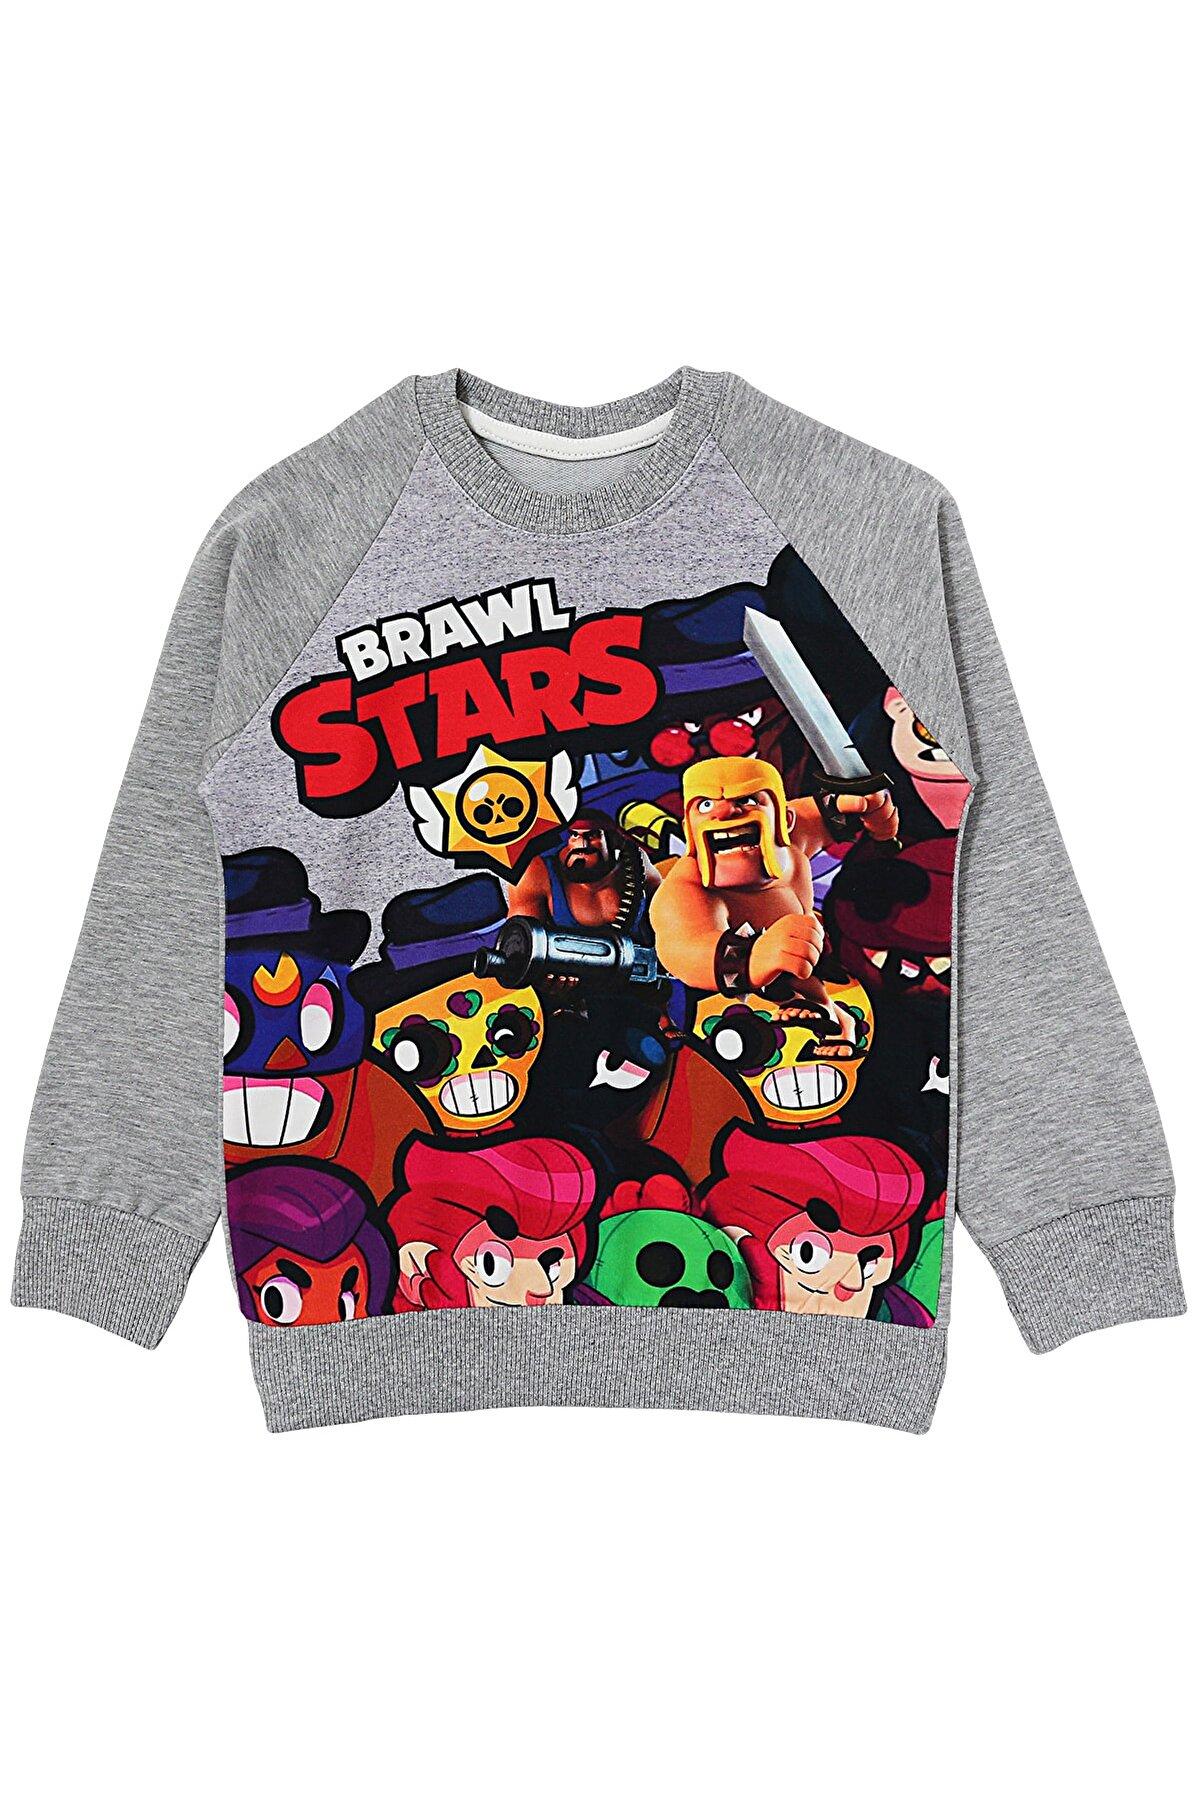 DobaKids Gri BRAWL STARS Erkek Çocuk Sweatshirt